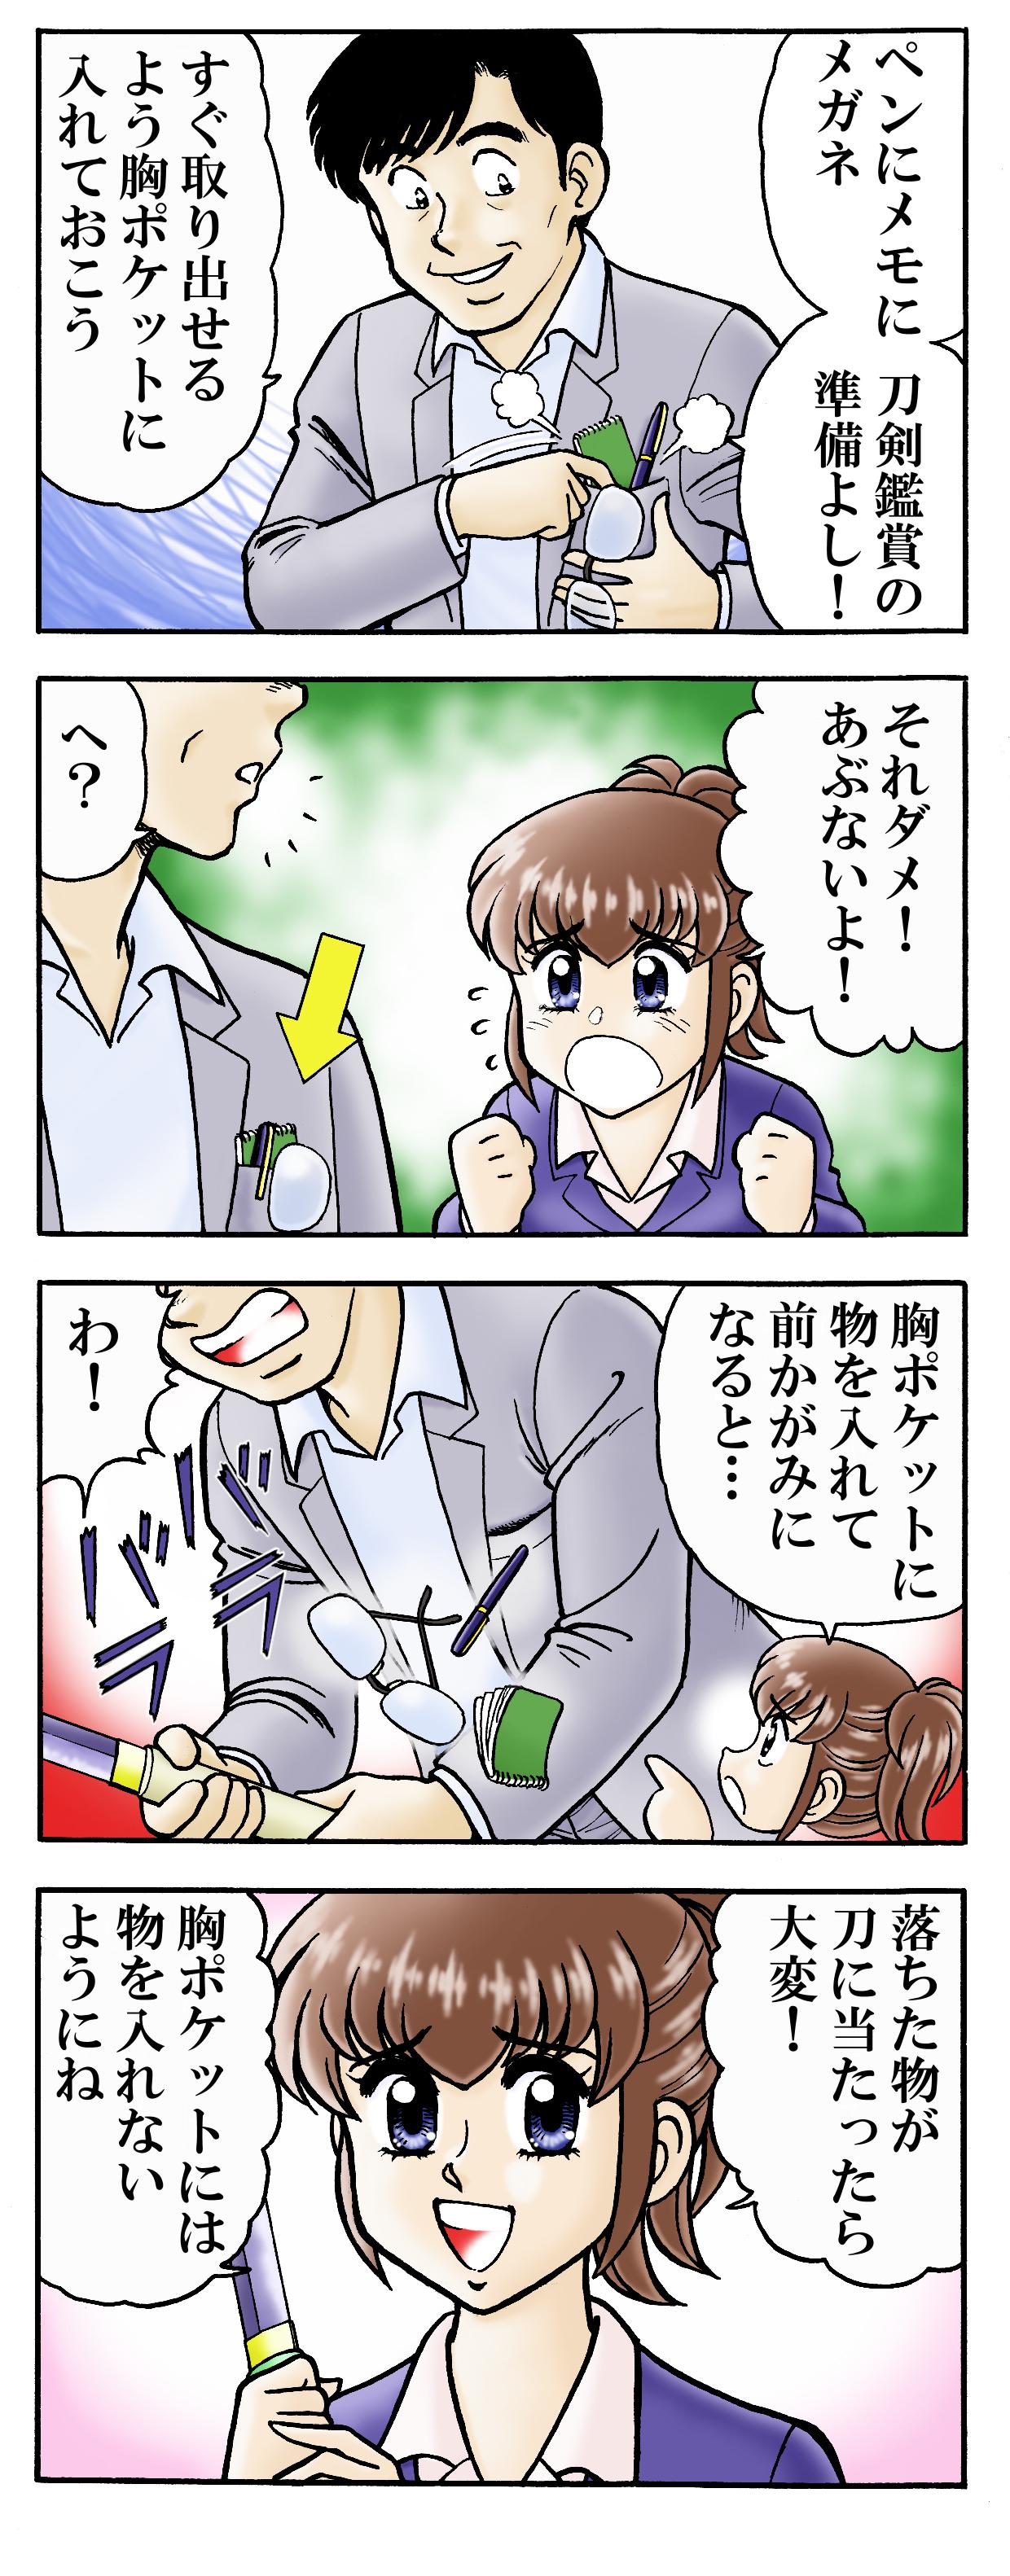 日本美術刀剣保存協会 静岡県支部刀剣マナー講座その11「胸ポケットに物を入れない!」